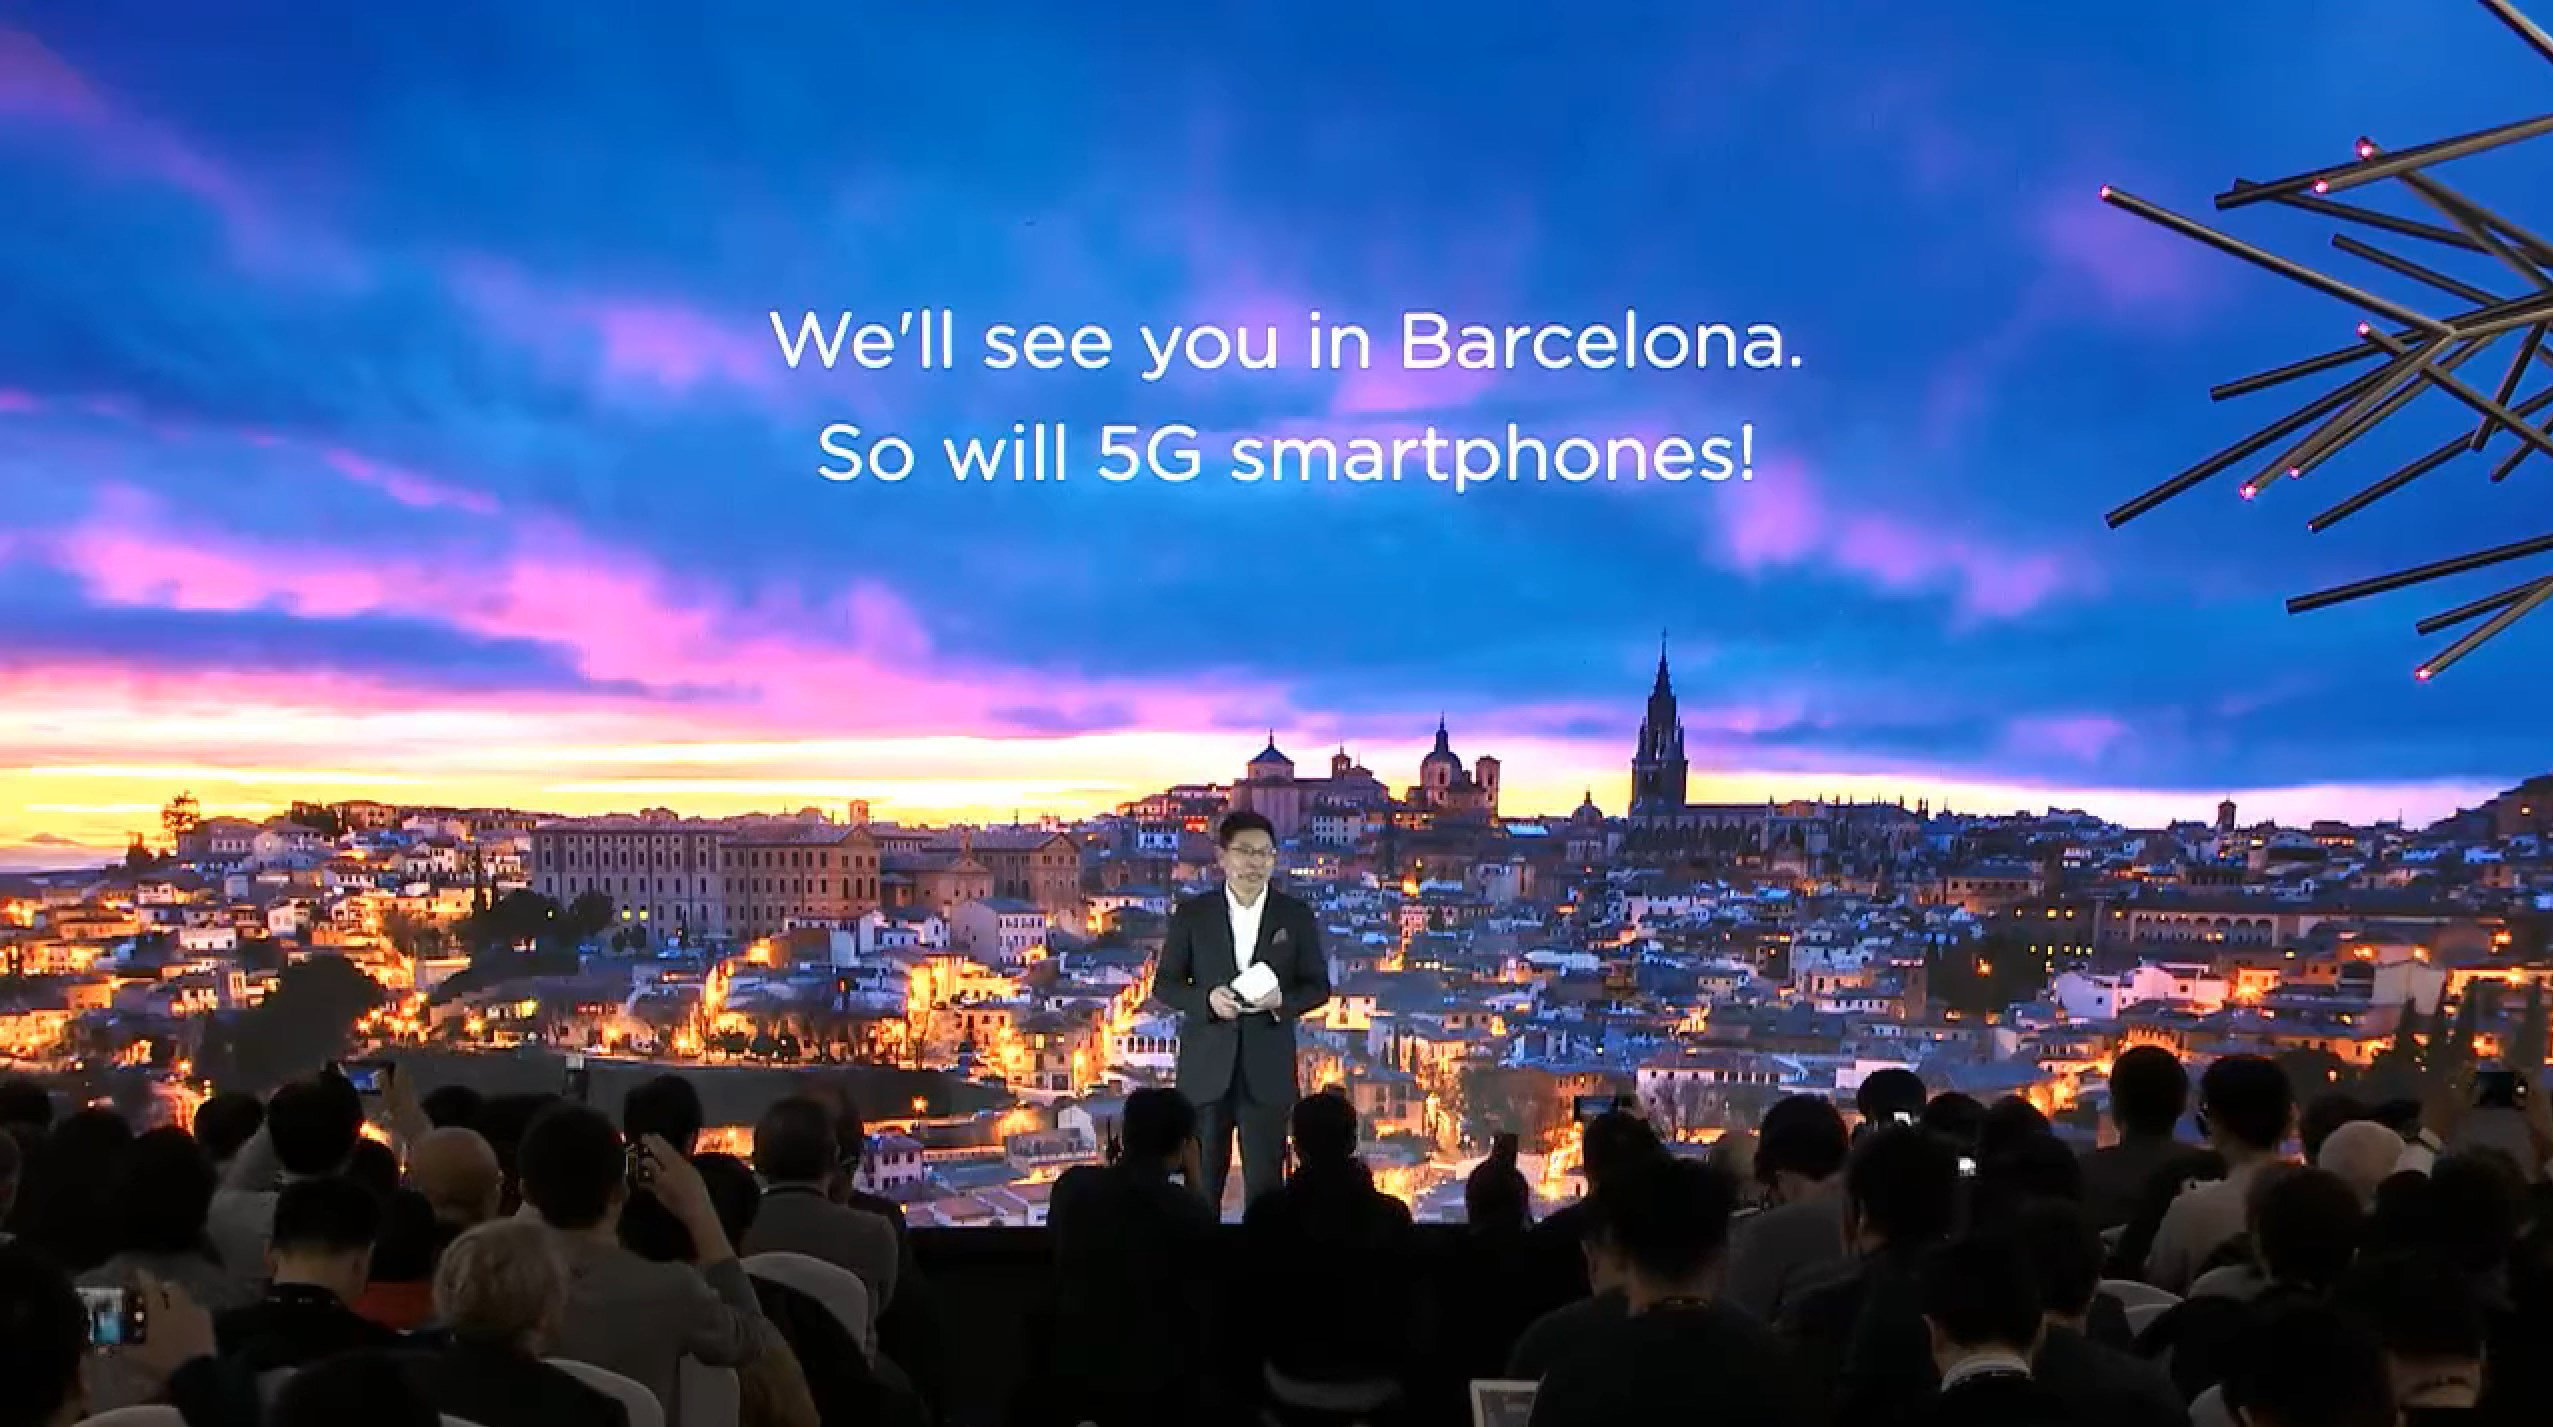 Huawei : le smartphone 5G pliable est confirmé pour le MWC 2019, et il sera très rapide